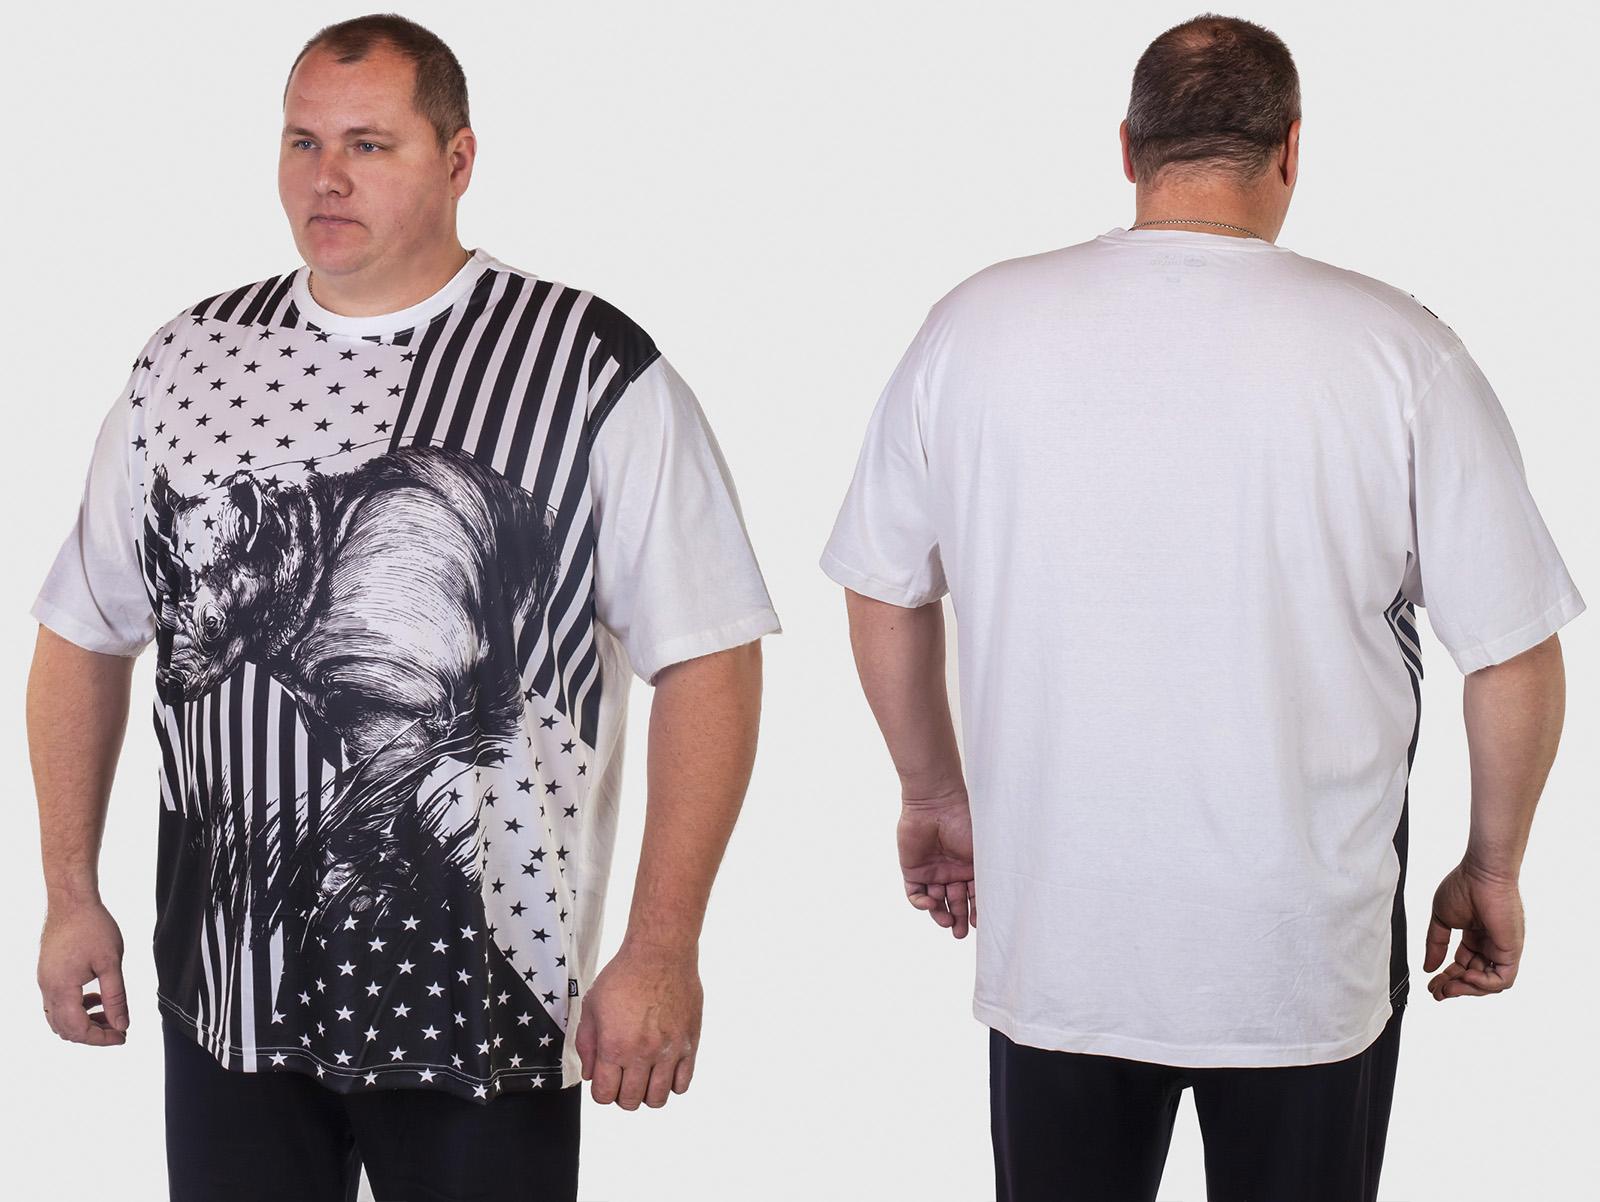 Черно-белая мужская футболка БАТАЛ от ТМ Ecko Unltd.